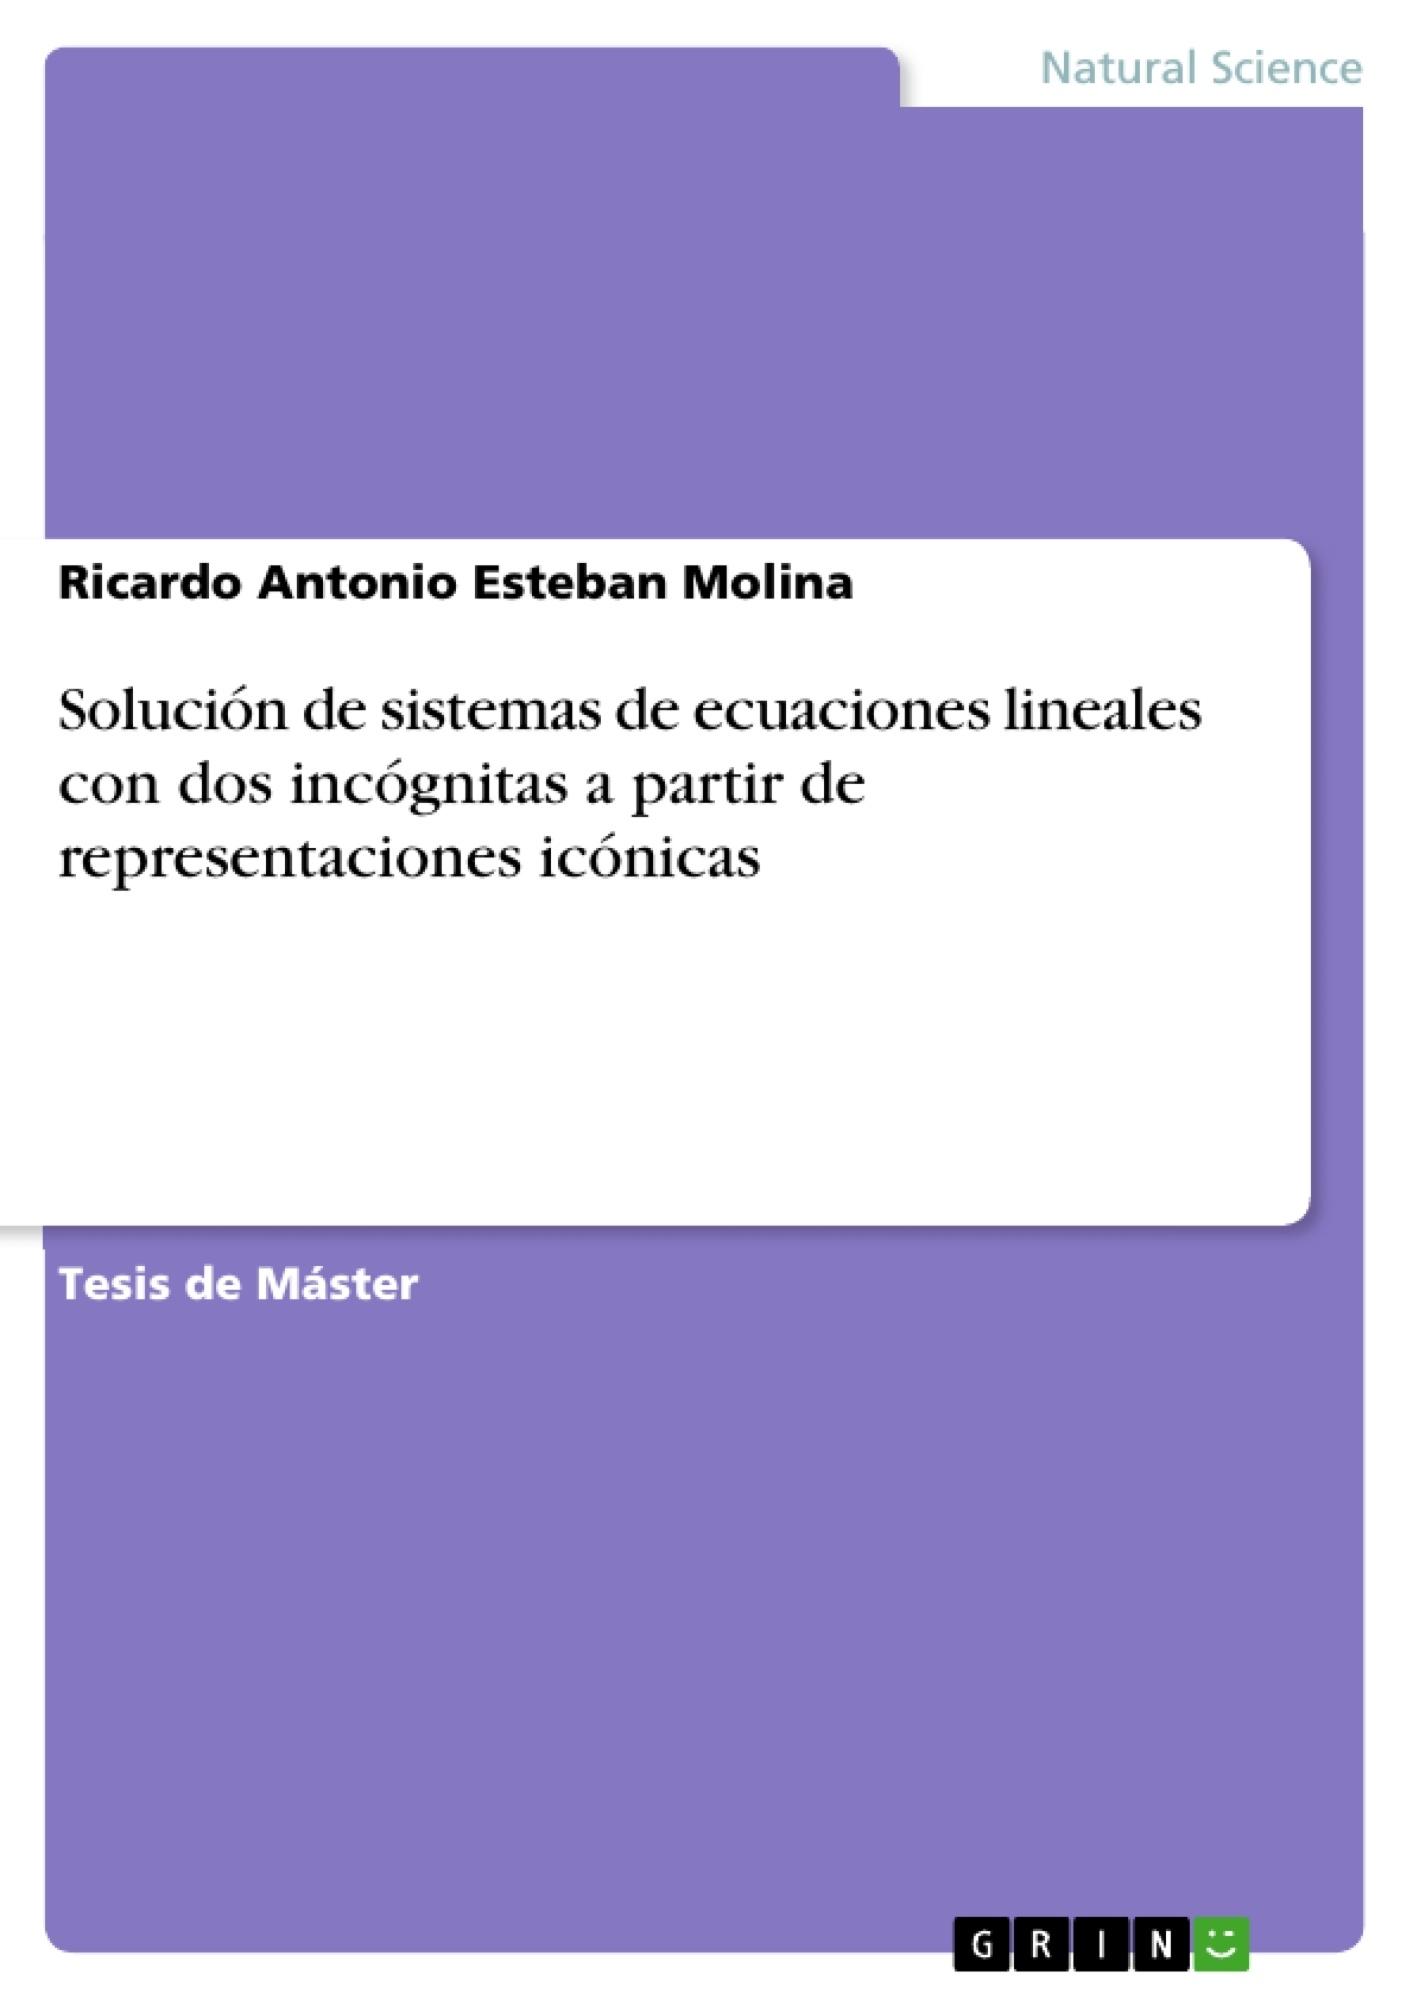 Título: Solución de sistemas de ecuaciones lineales con dos incógnitas a partir de representaciones icónicas